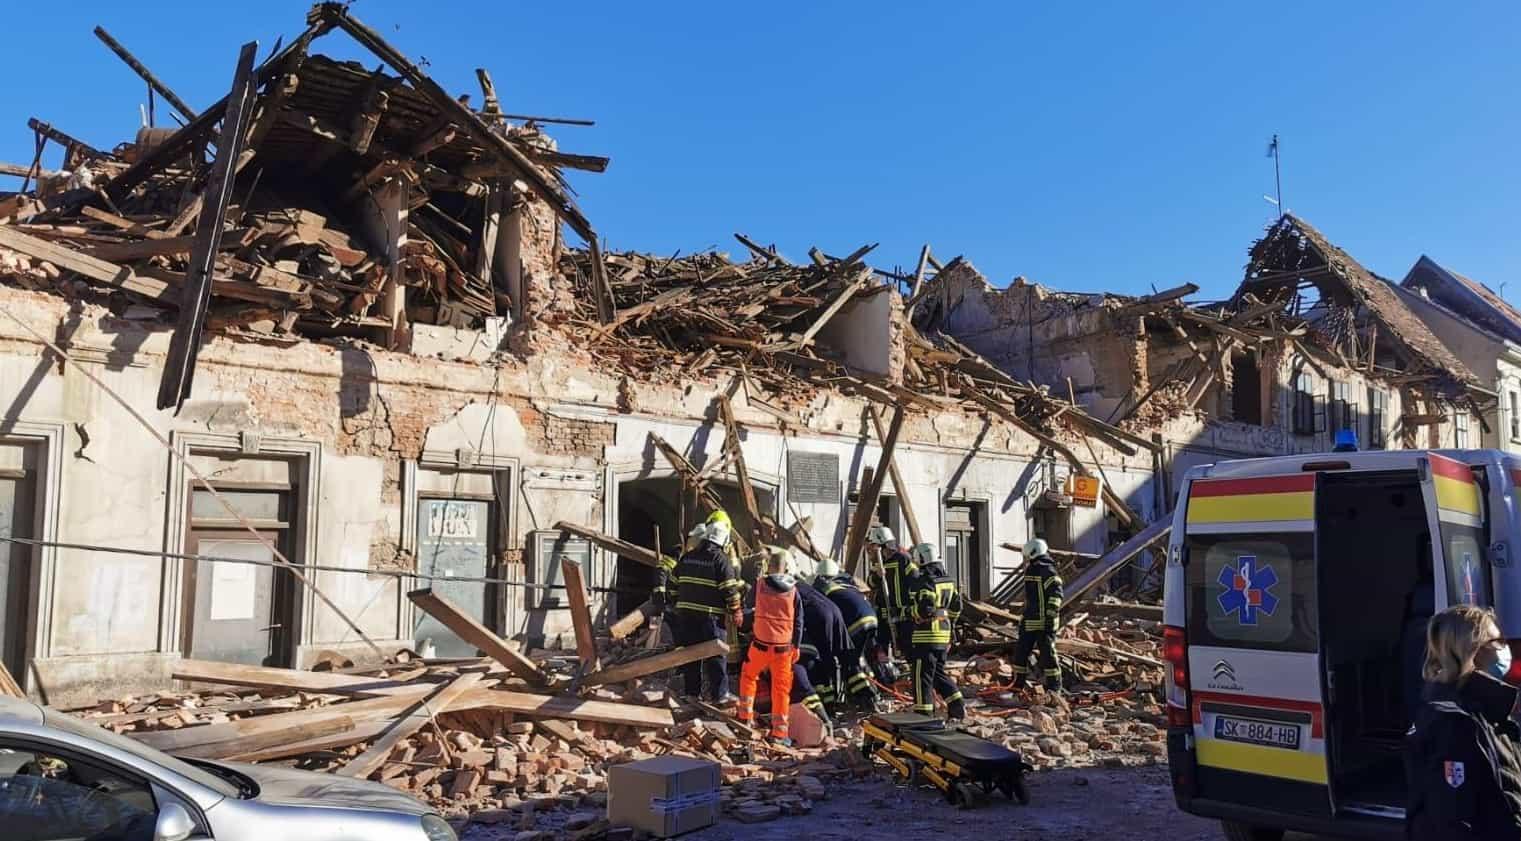 Hatalmas károk keletkeztek a földrengésektől Horvátországban, az emberek a szabad ég alatt töltik az éjszakát! 7